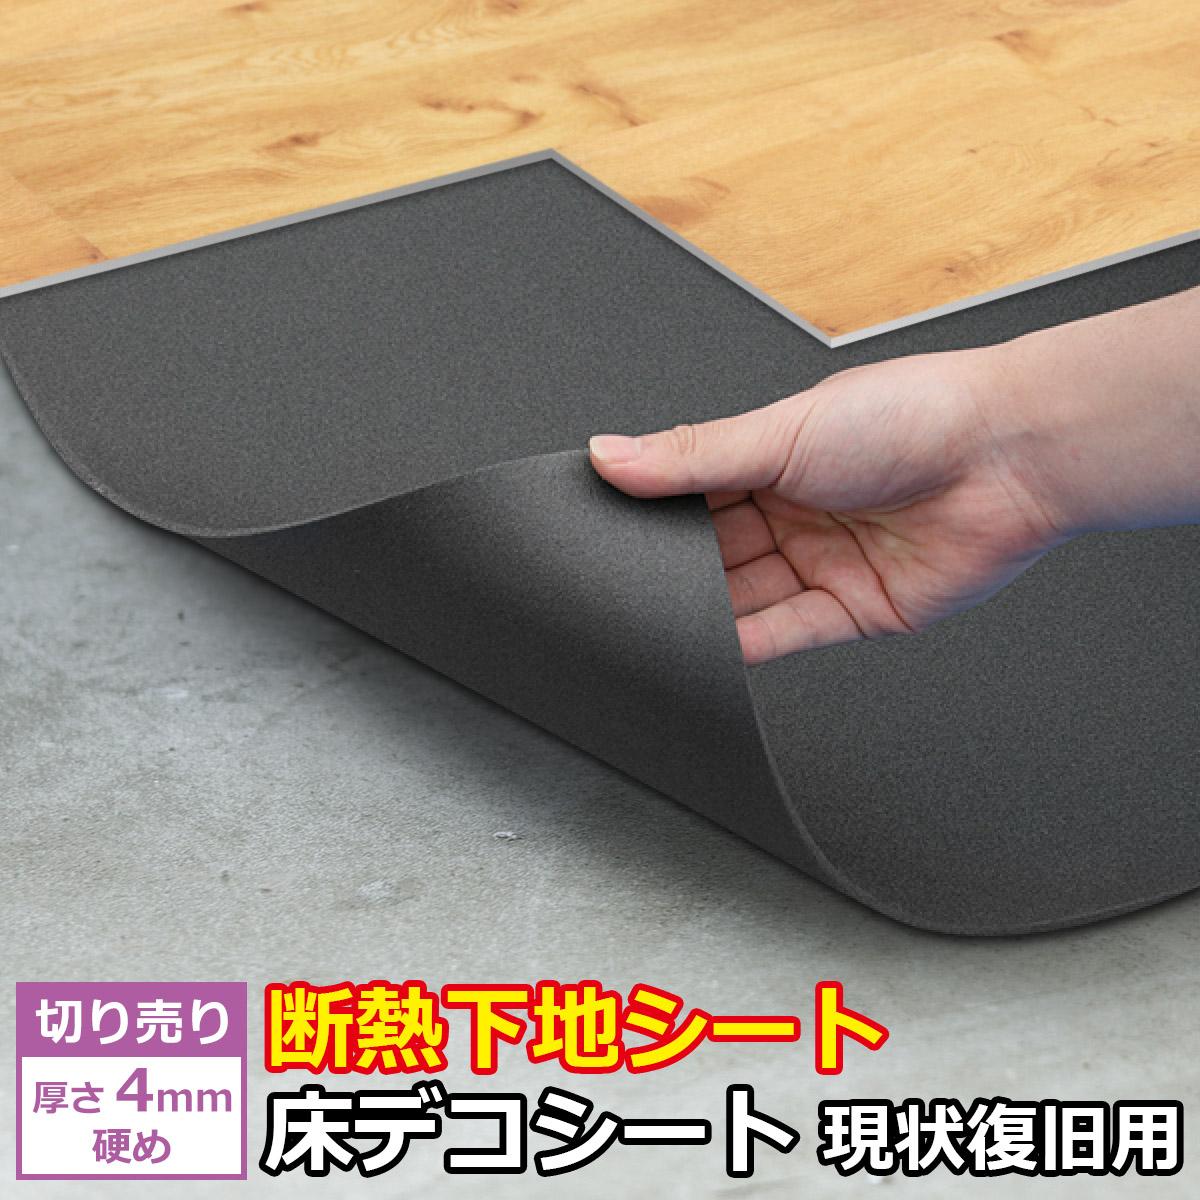 床デコシート 現状復旧用 切り売り 厚さ4ミリ 硬め